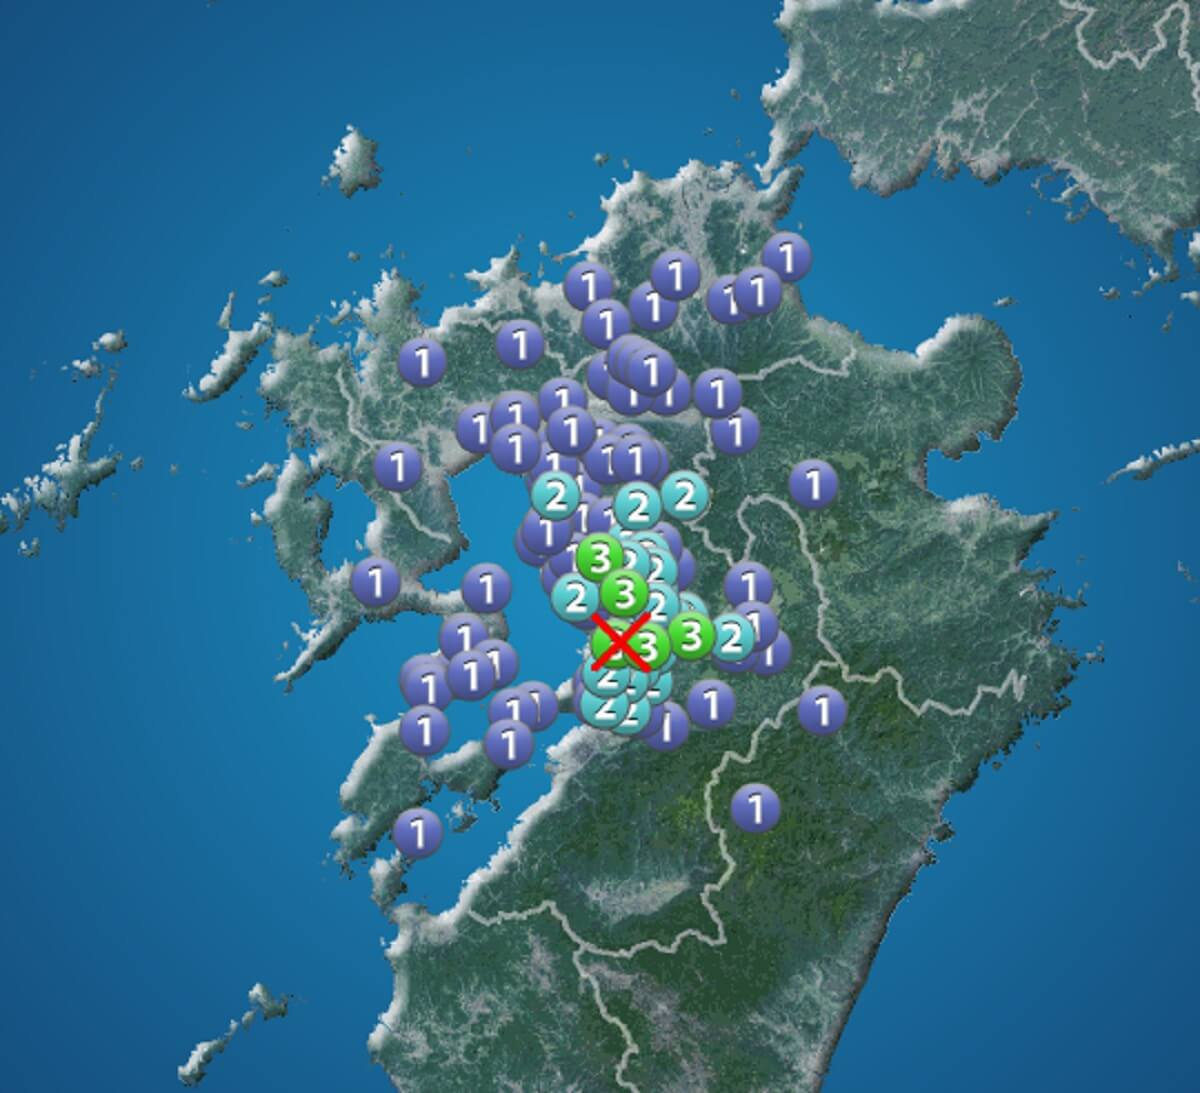 熊本地方で最大震度3の地震が発生 八女市やみやま市で震度2を観測